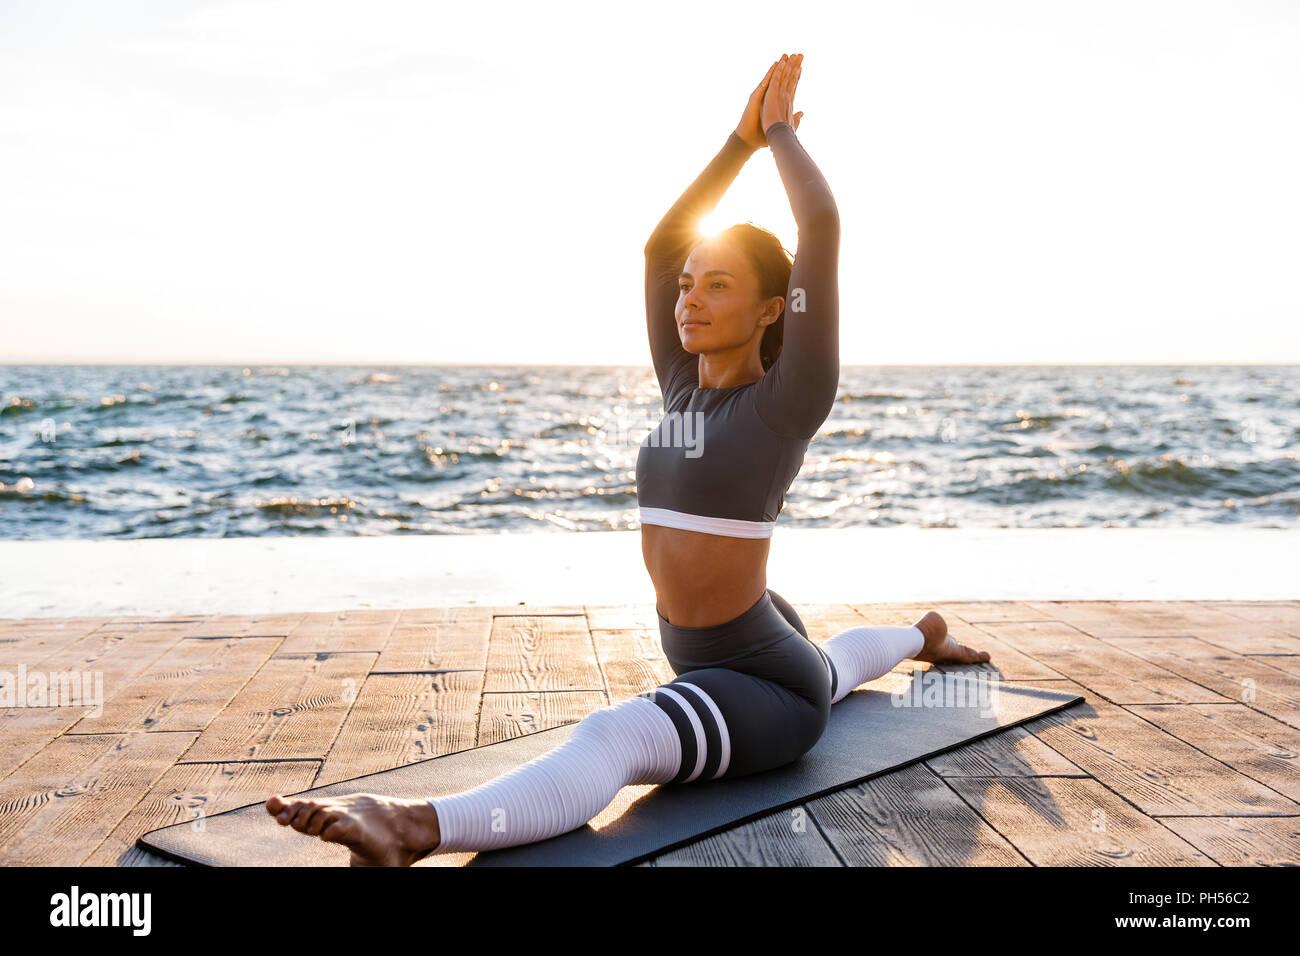 Imagen de la joven mujer de concentrado de fitness al aire libre en la playa, hacer yoga ejercicios de estiramiento. Imagen De Stock